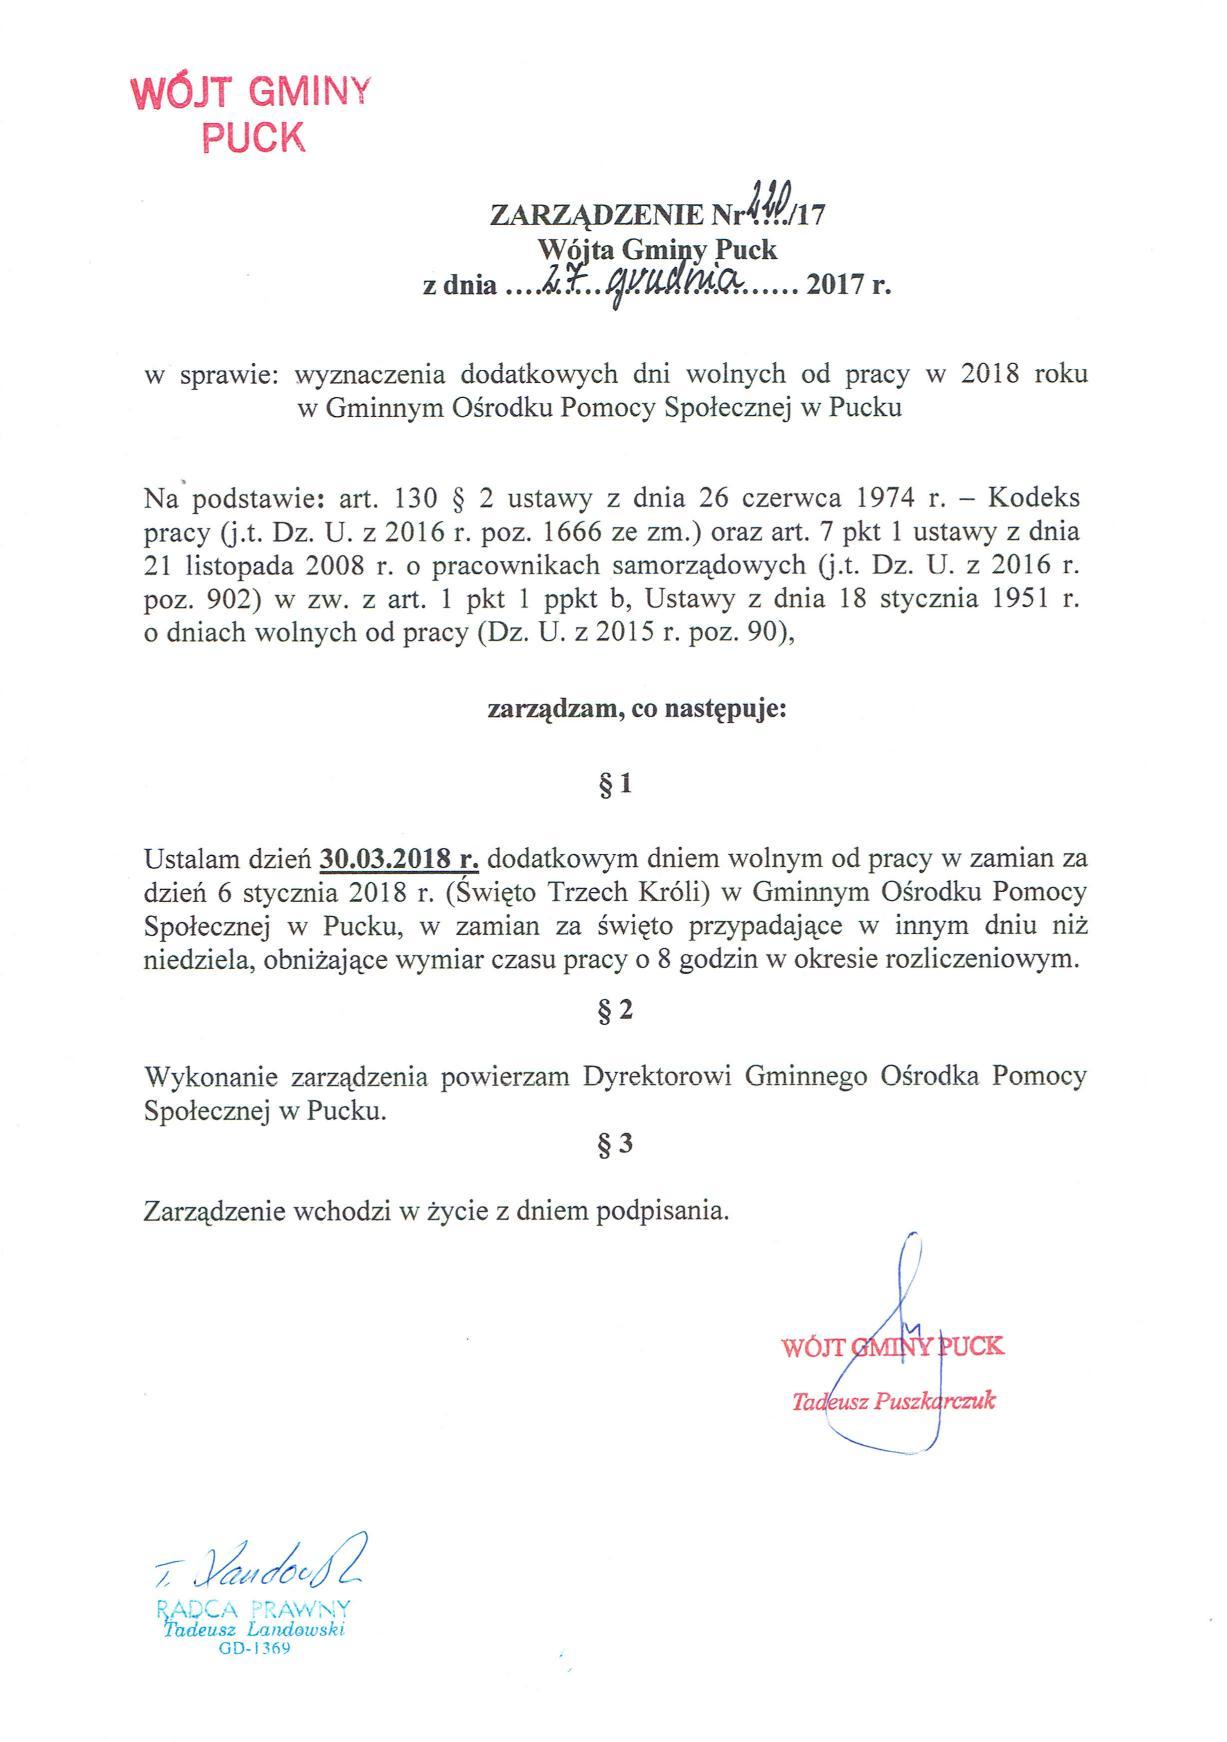 Zarządzenie Nr 220-17 z dnia 27.12.2017_01